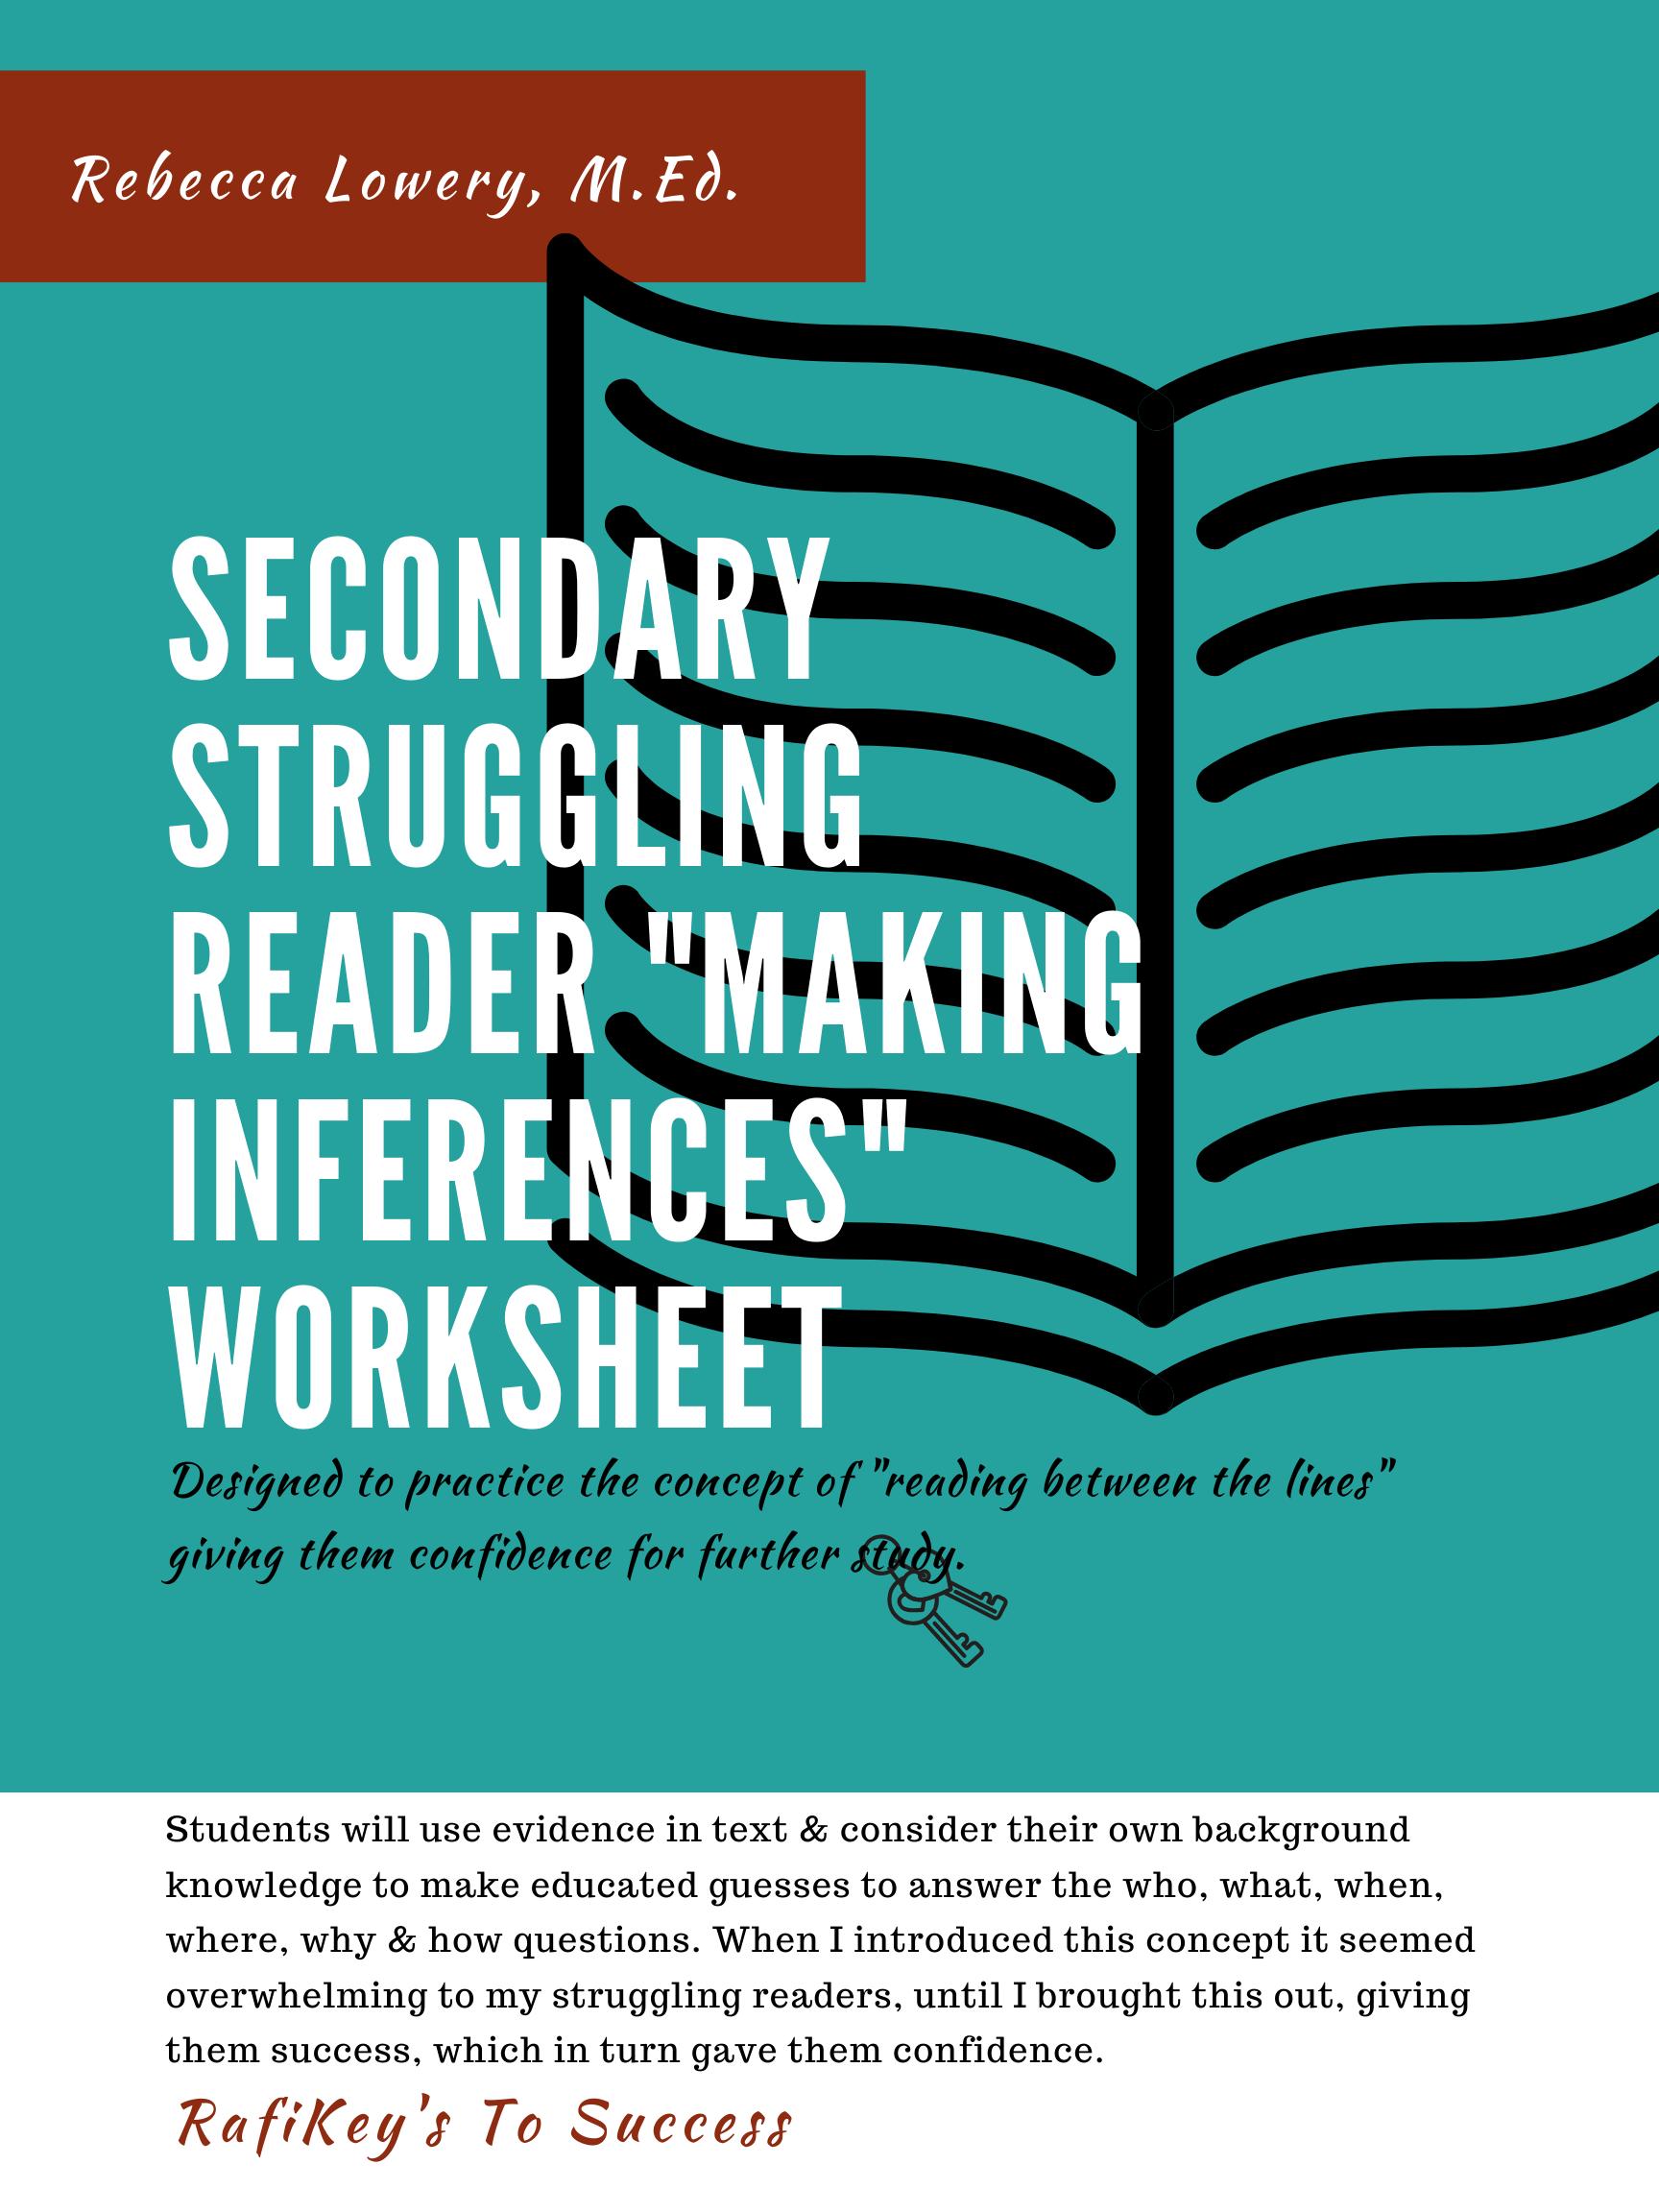 Secondary Struggling Reader Making Inferences Worksheet In